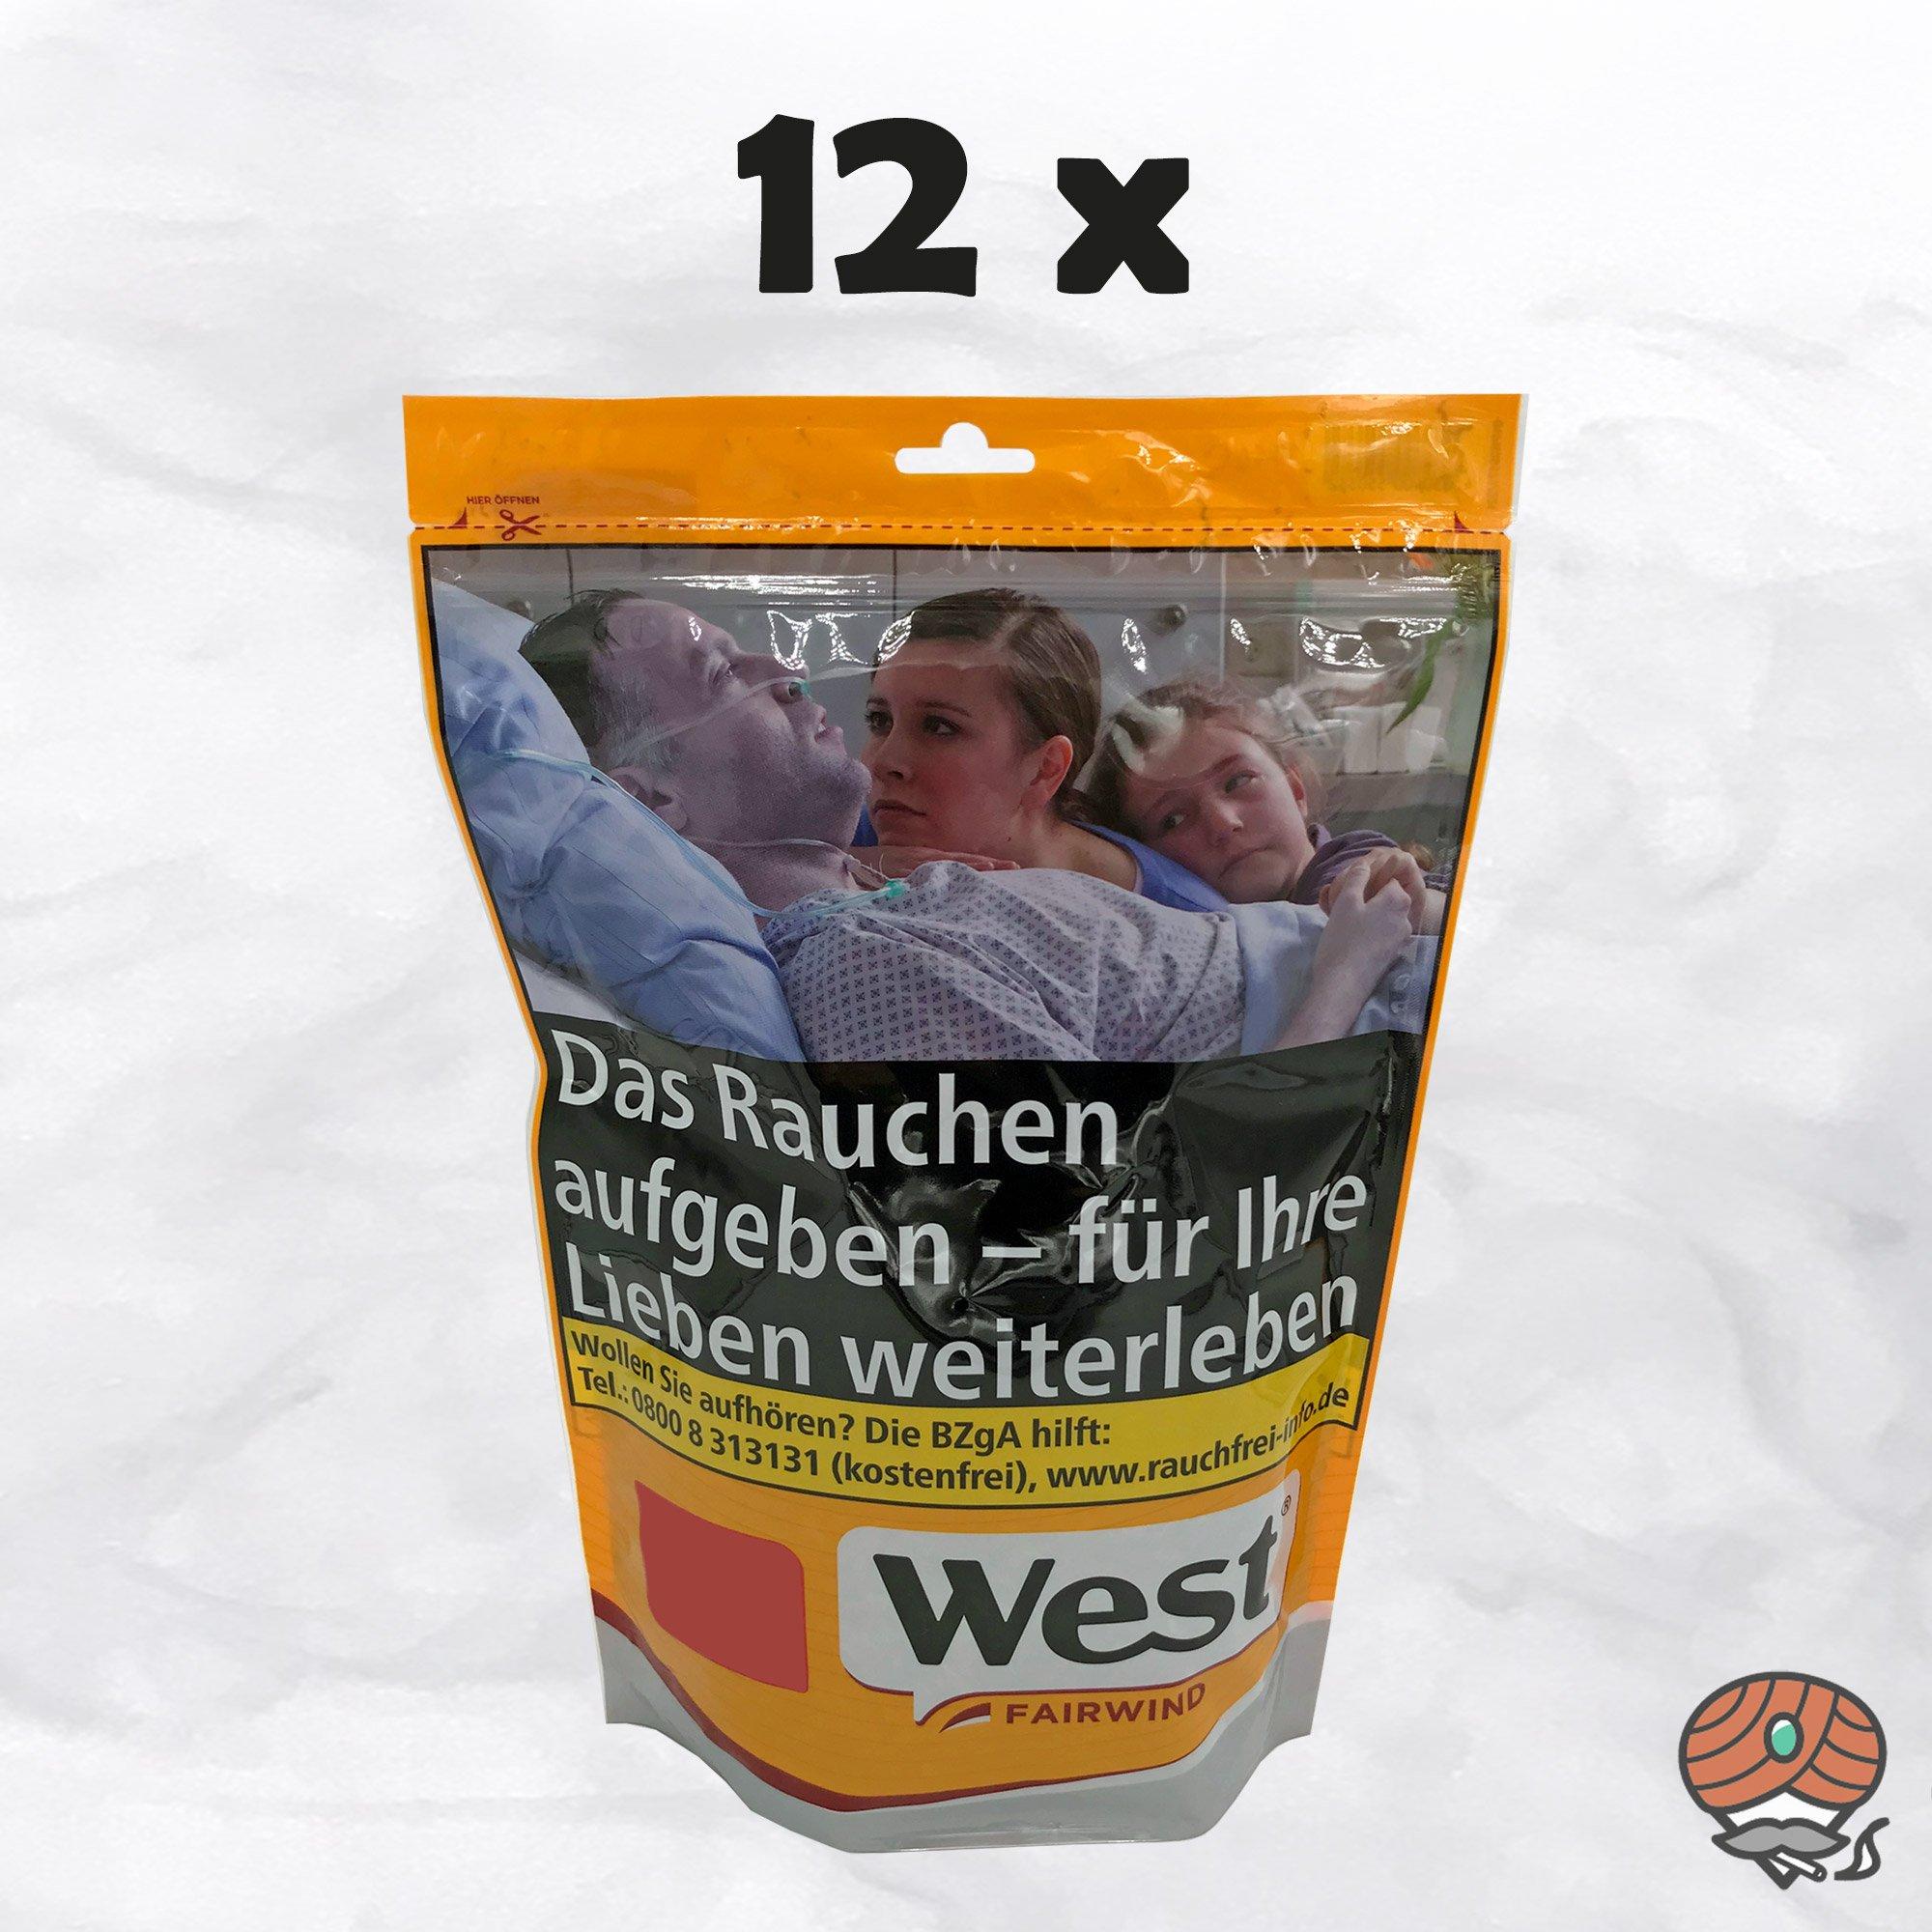 12x West Yellow Players Red 121g Tabak / Volumentabak Jumbo Beutel